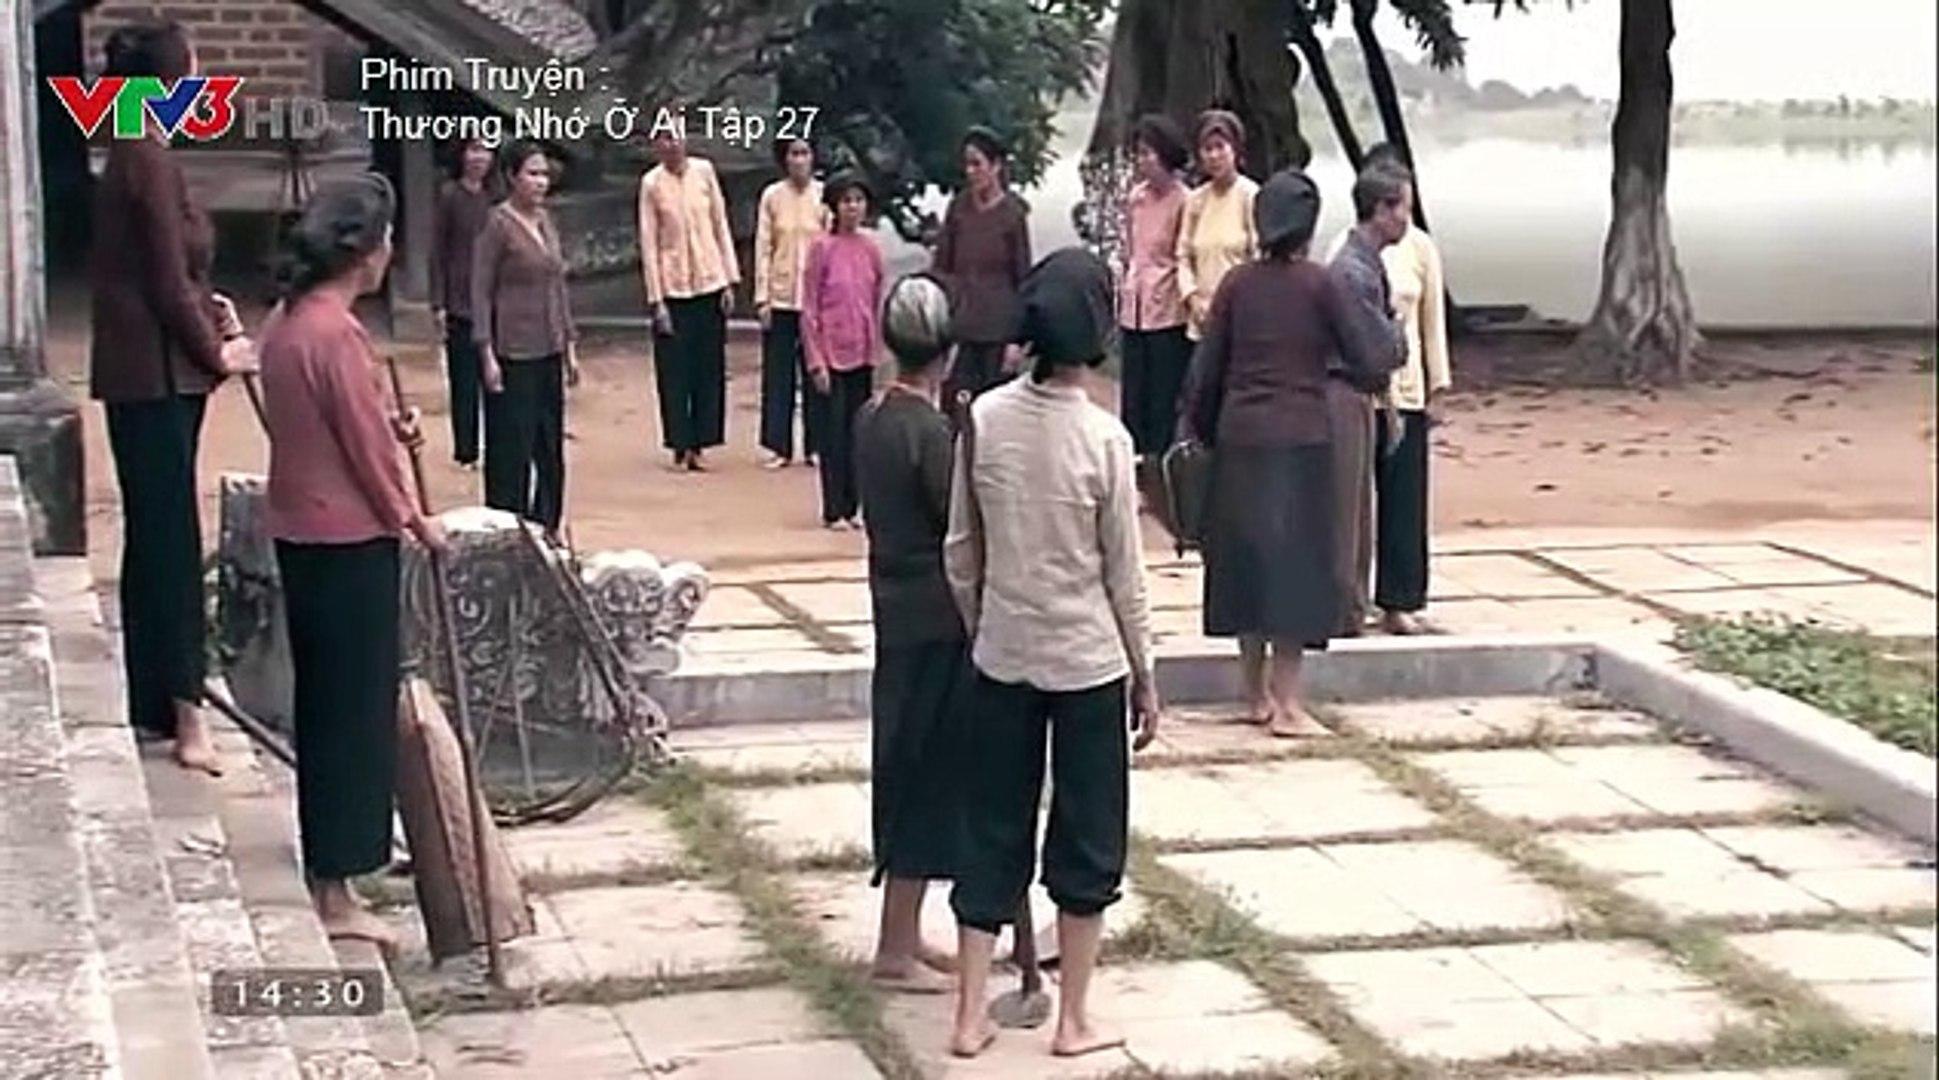 Thương Nhớ Ở Ai Tập  27 -Thuong nho o ai  tap 27   VTV3 HD